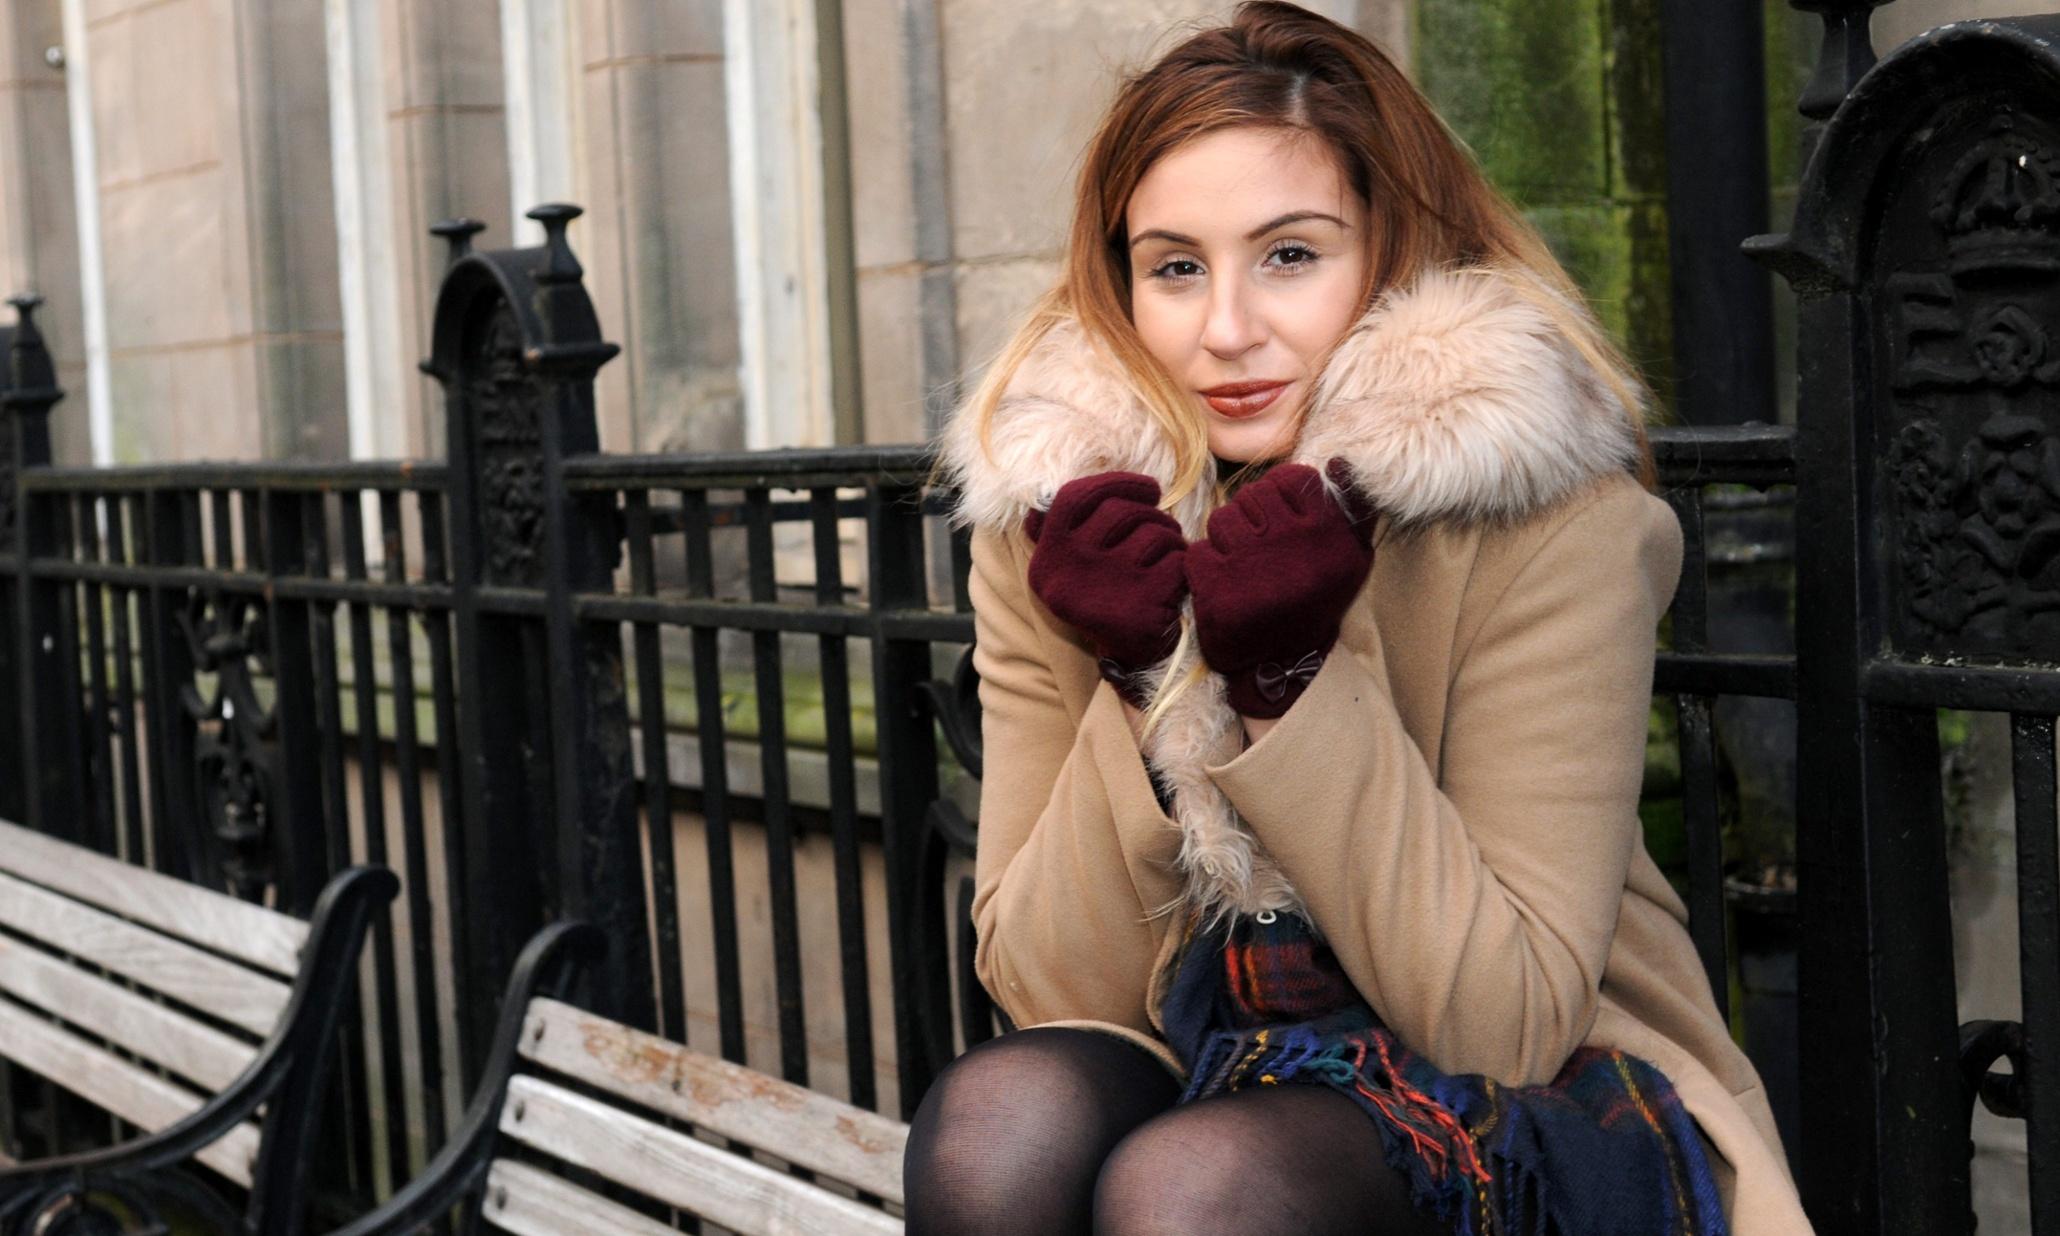 Русская девочка отдалась за деньги на улице 11 фотография